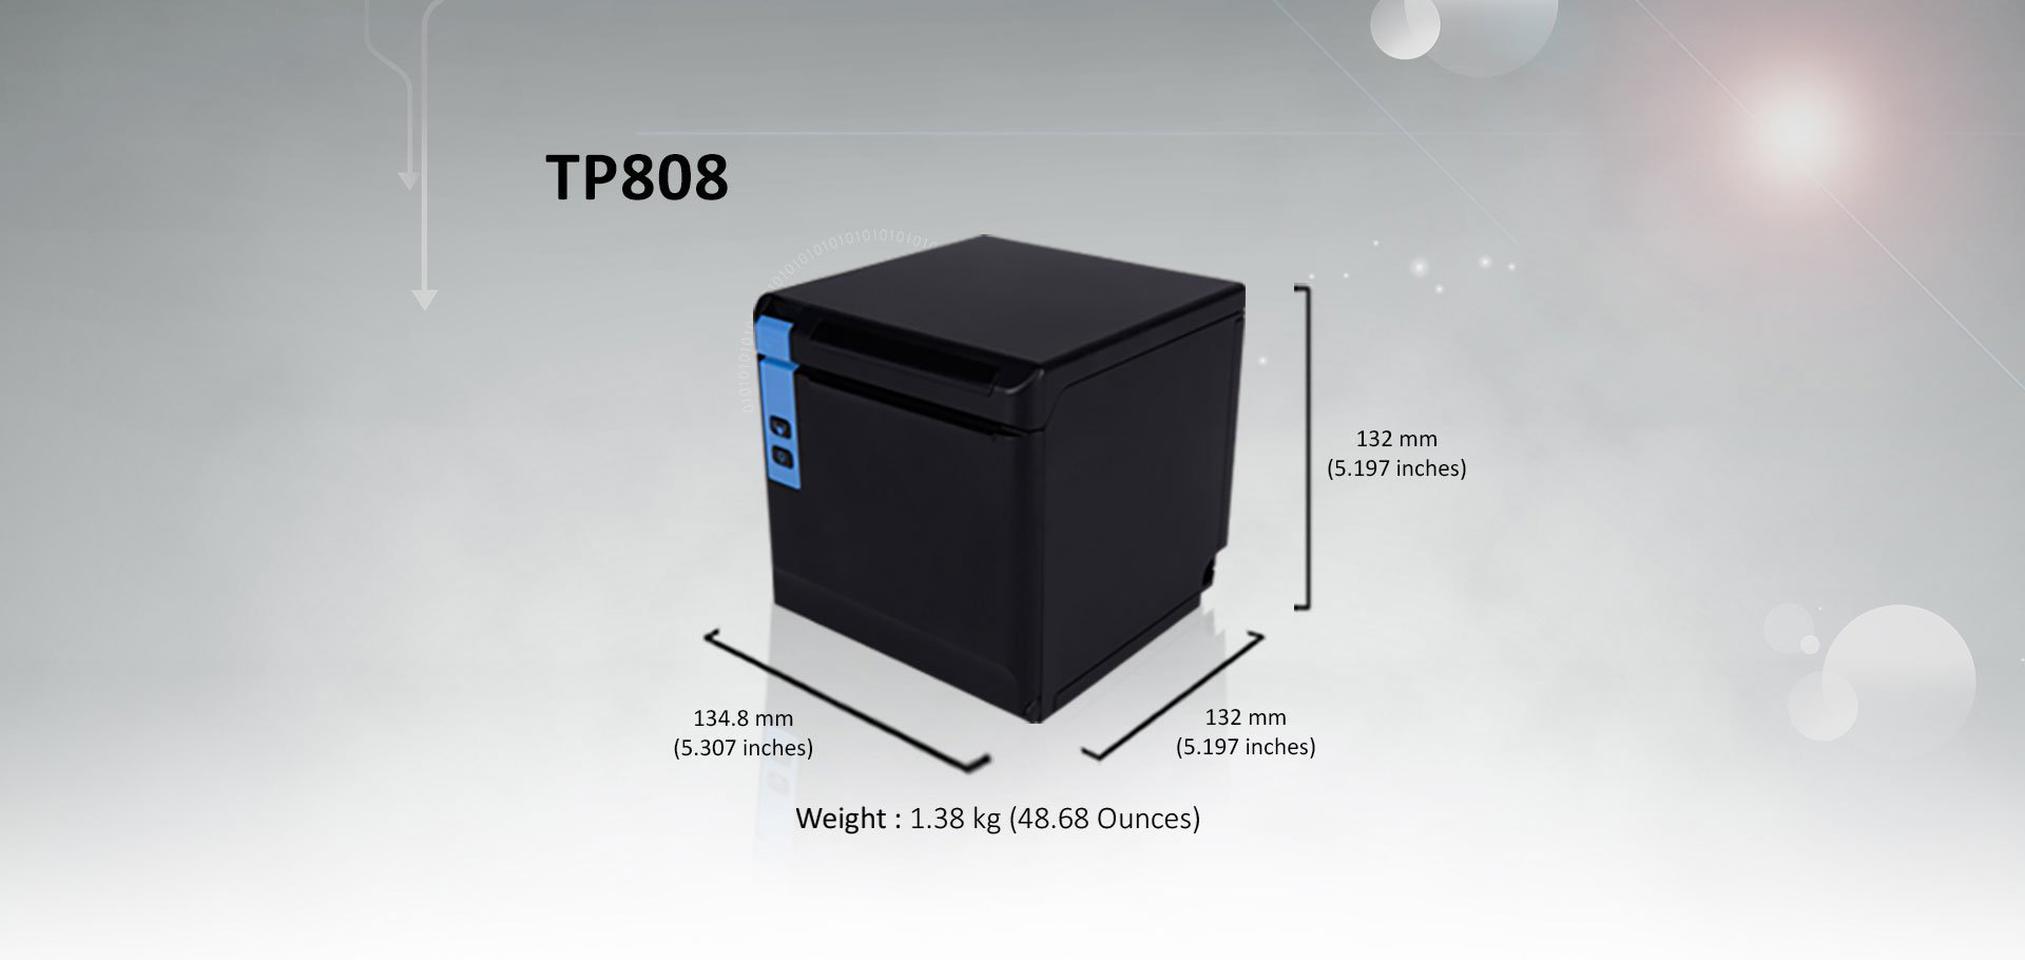 ปริ้นเตอร์ TP808 พิมพ์ใบเสร็จ เชื่อมต่อ USB+Serial+Ethernet  รูปที่ 1